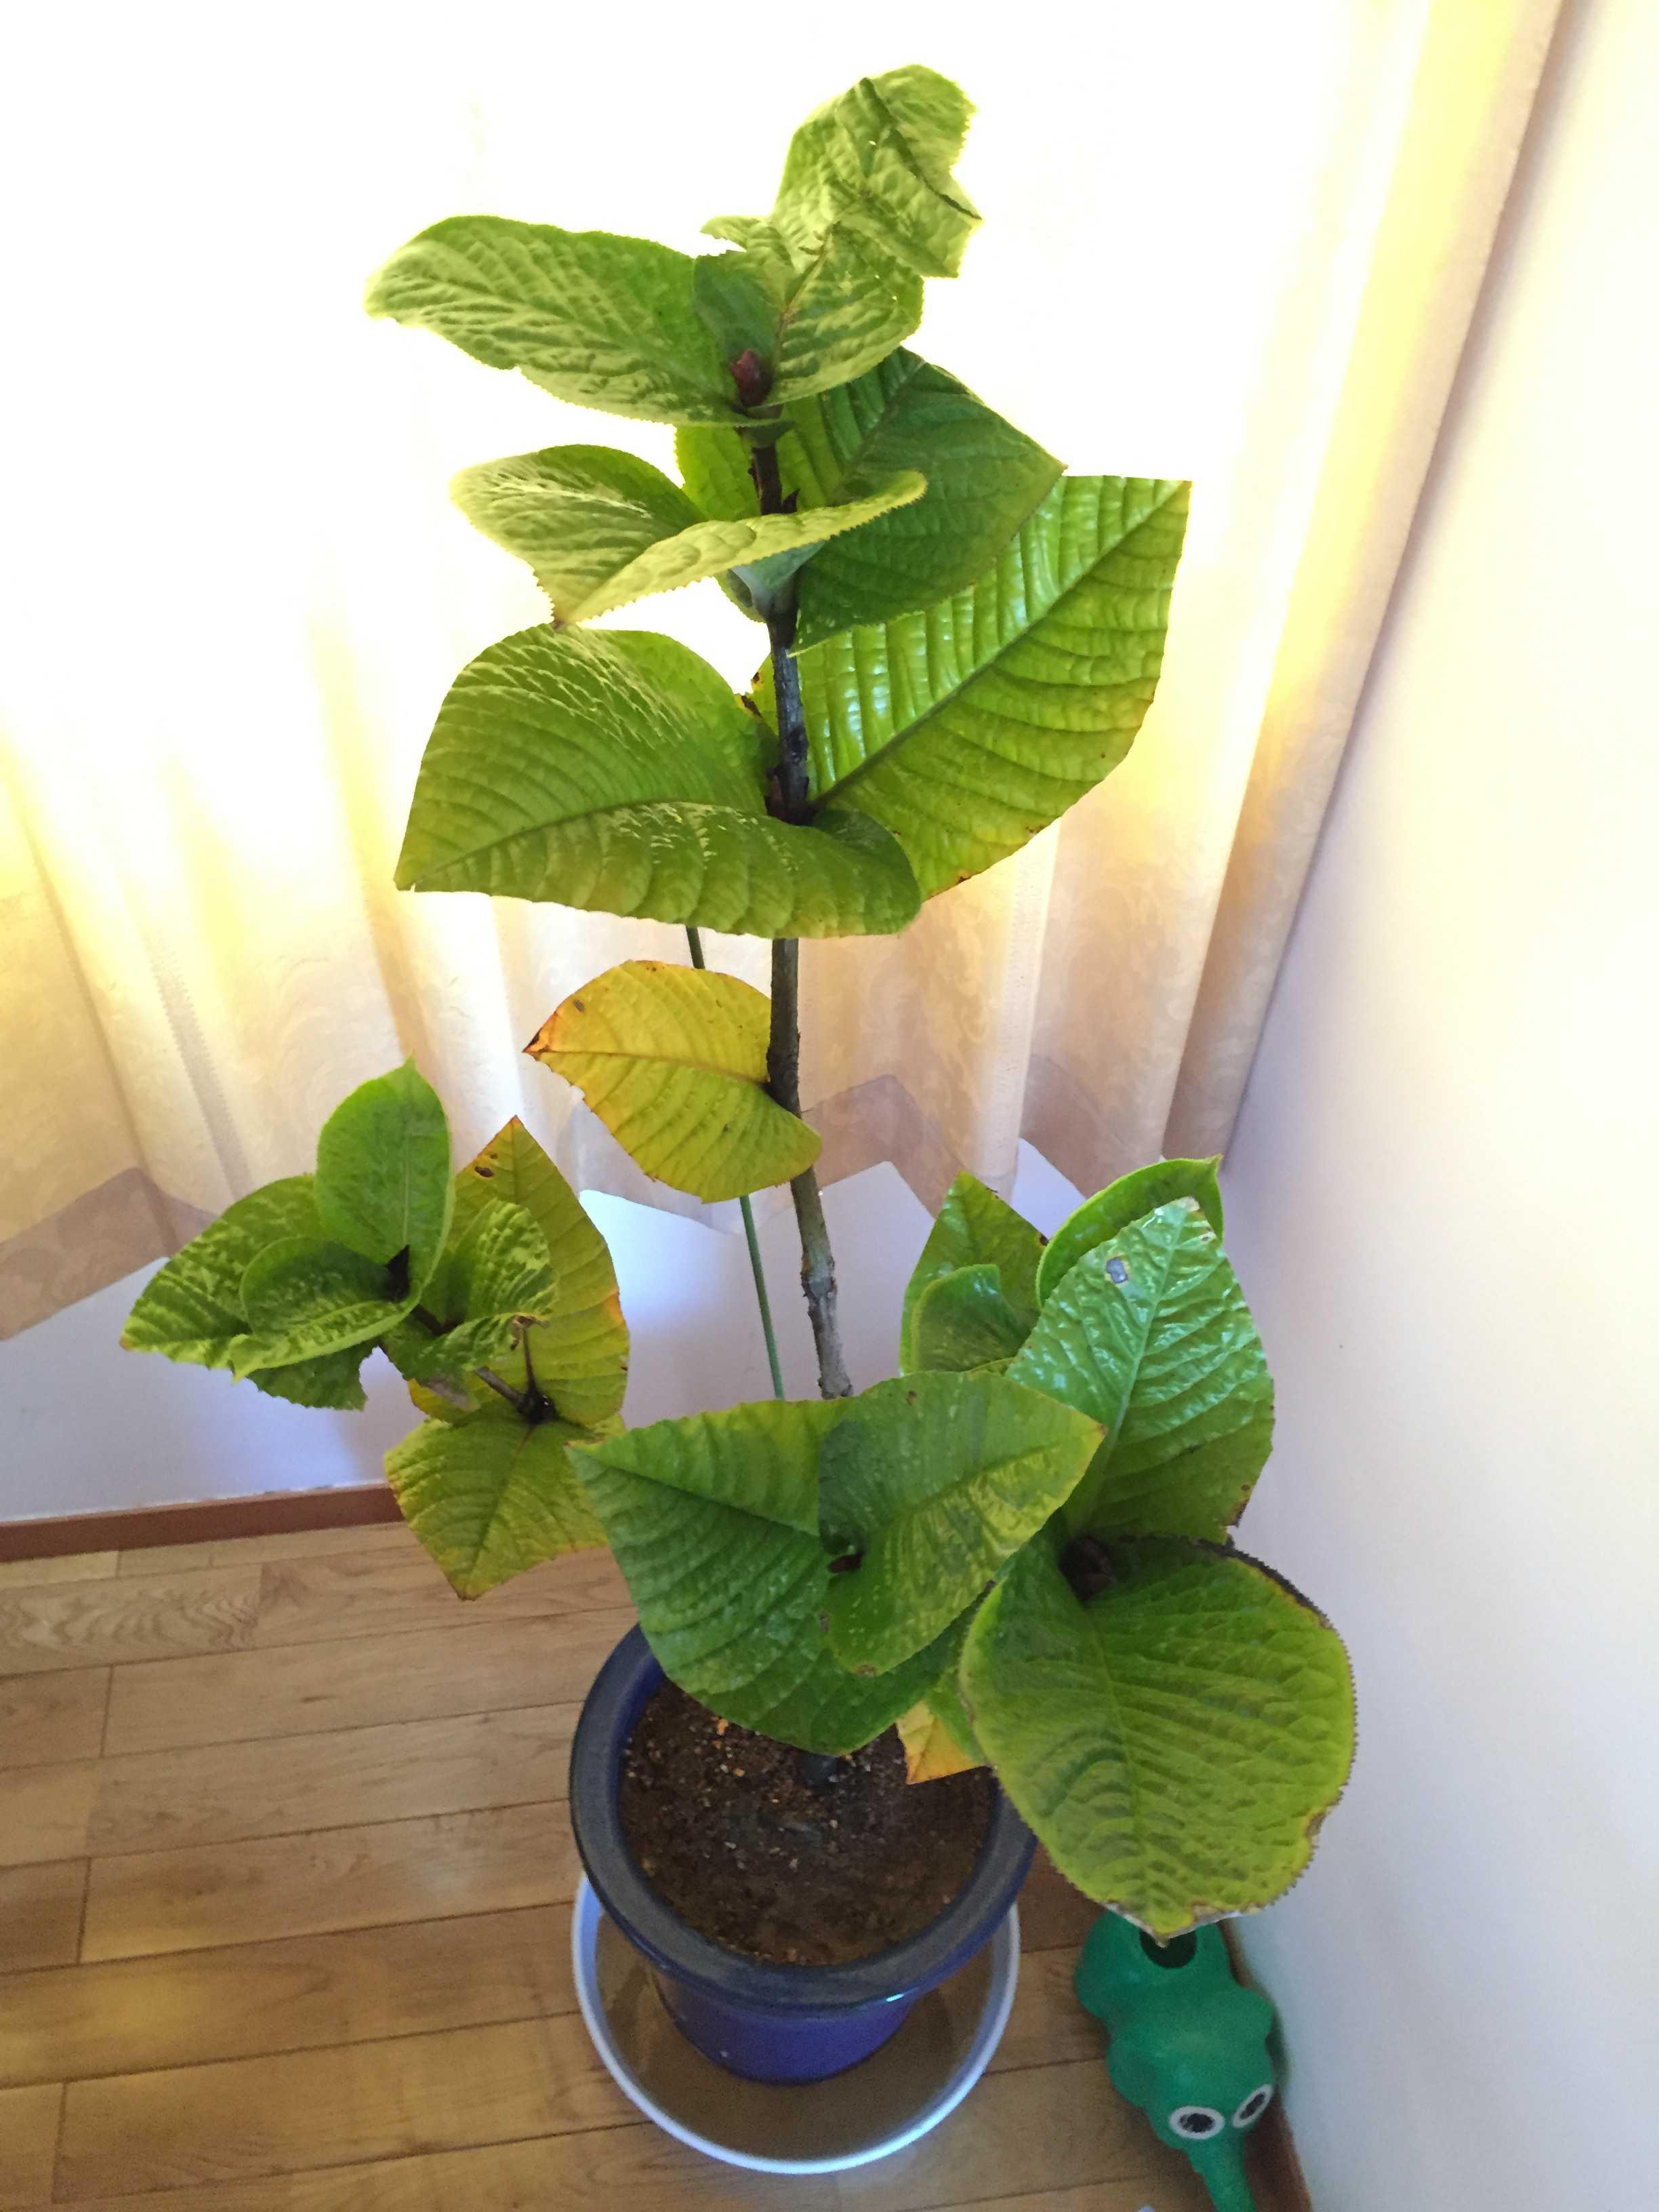 ベトナム原産の黄花椿「ムラウチィ」 学名: murauchii